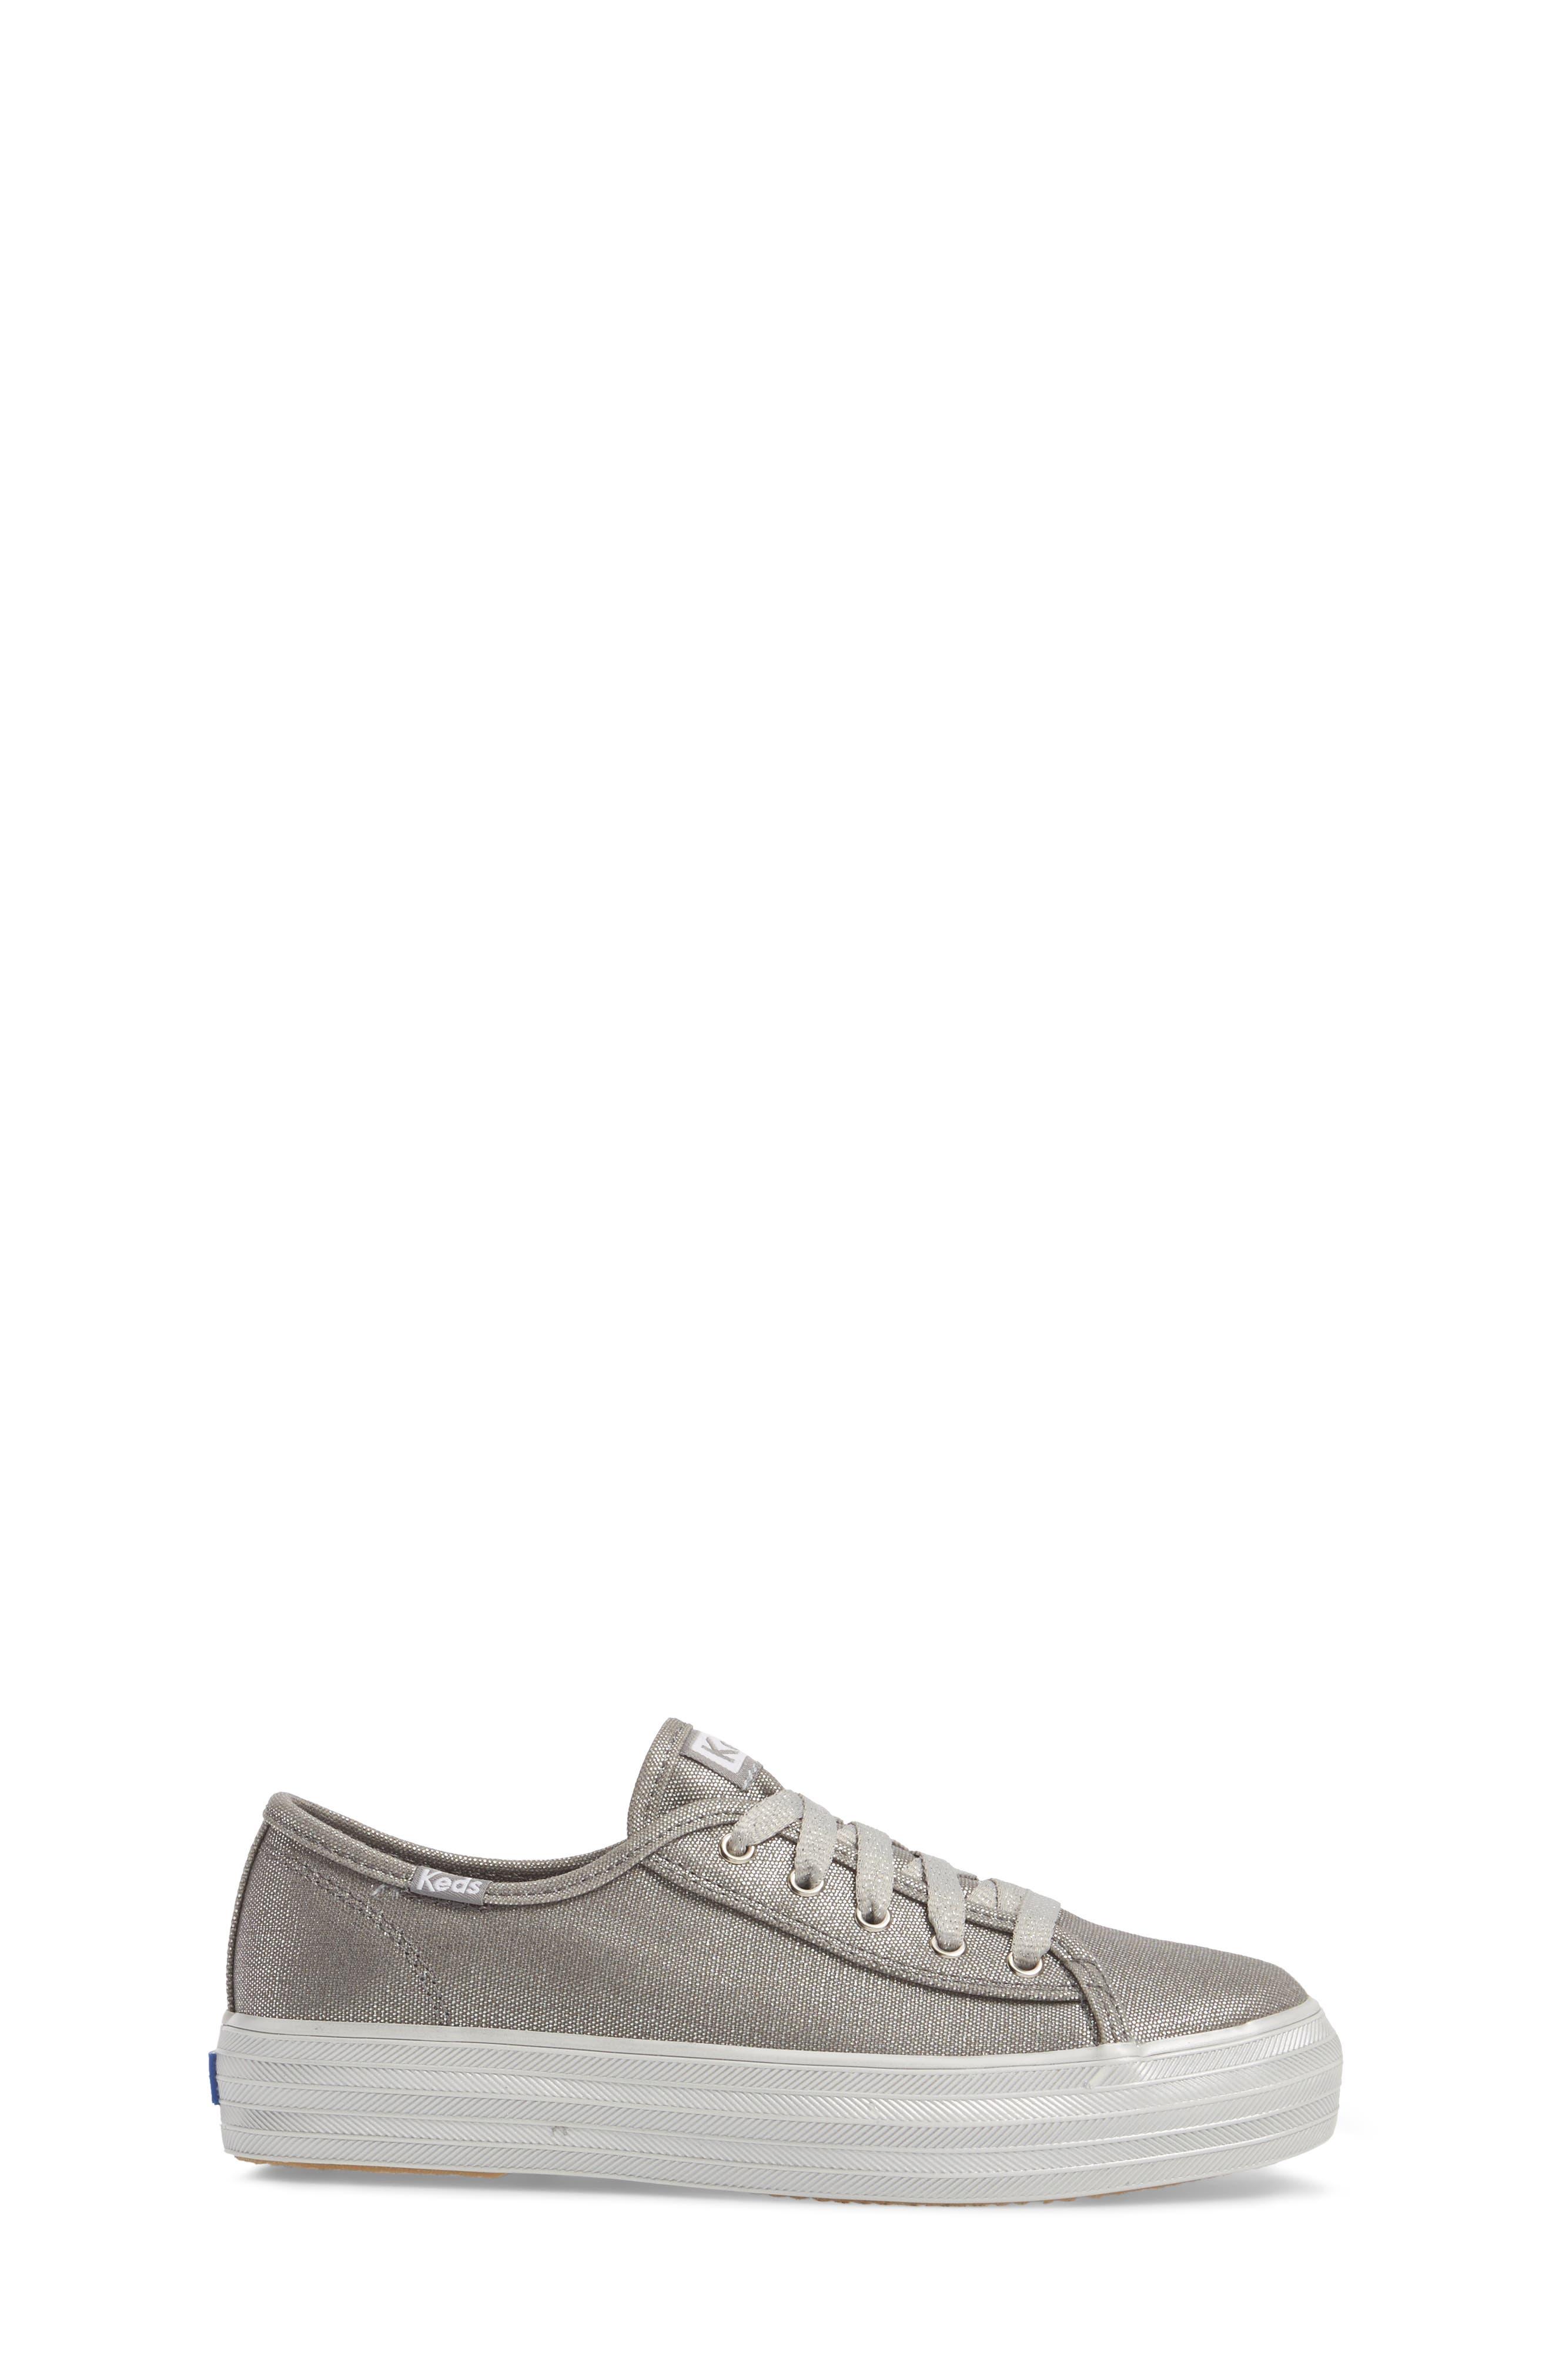 Triple Kick Platform Sneaker,                             Alternate thumbnail 3, color,                             Silver/ Silver